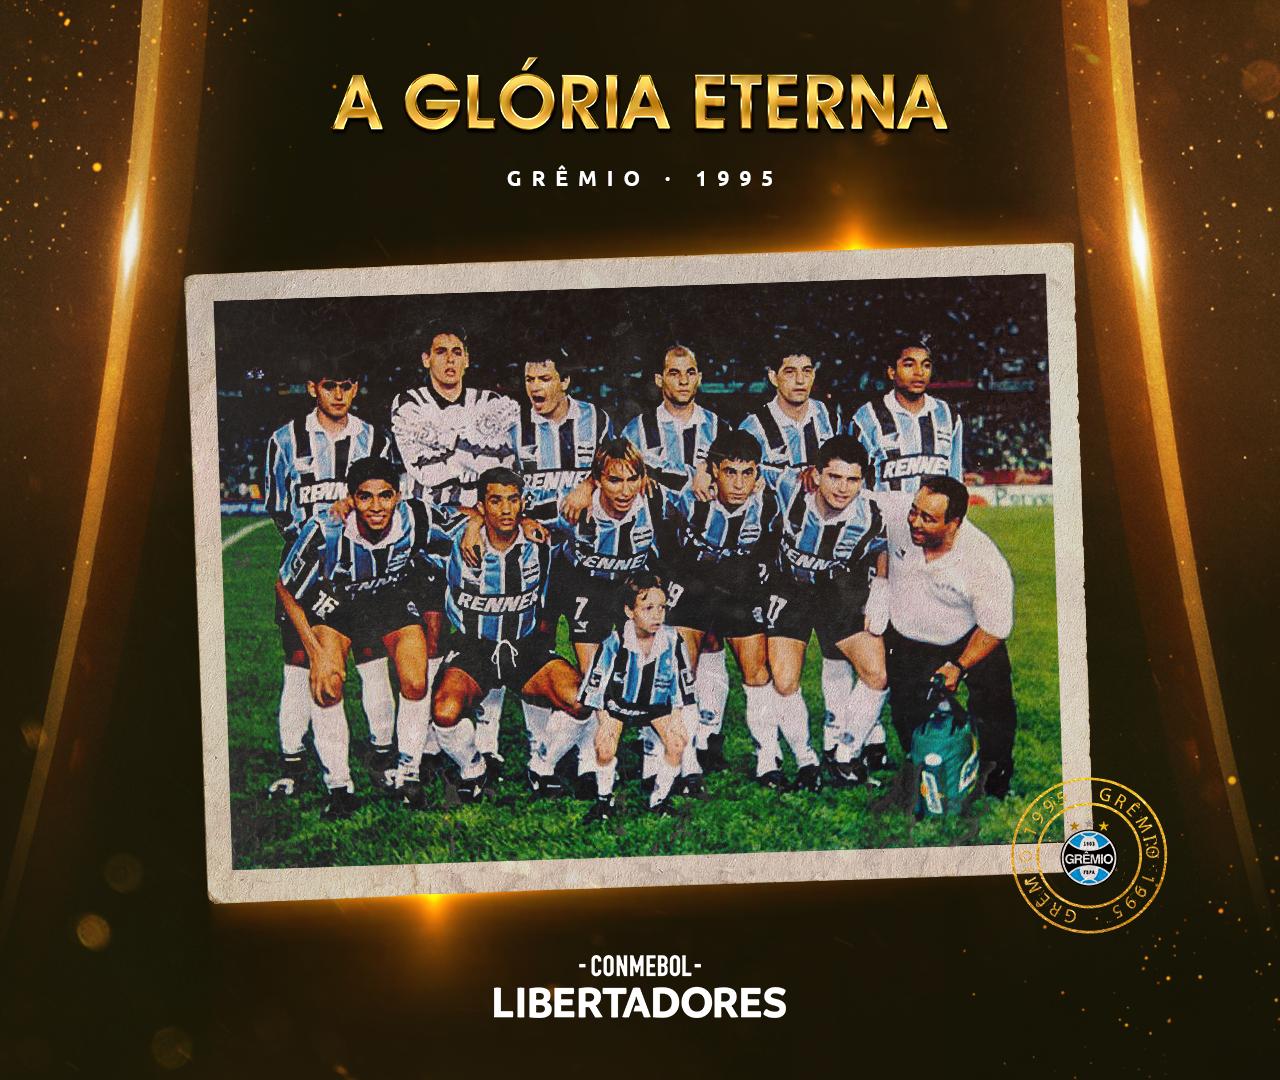 Grêmio Libertadores 1995